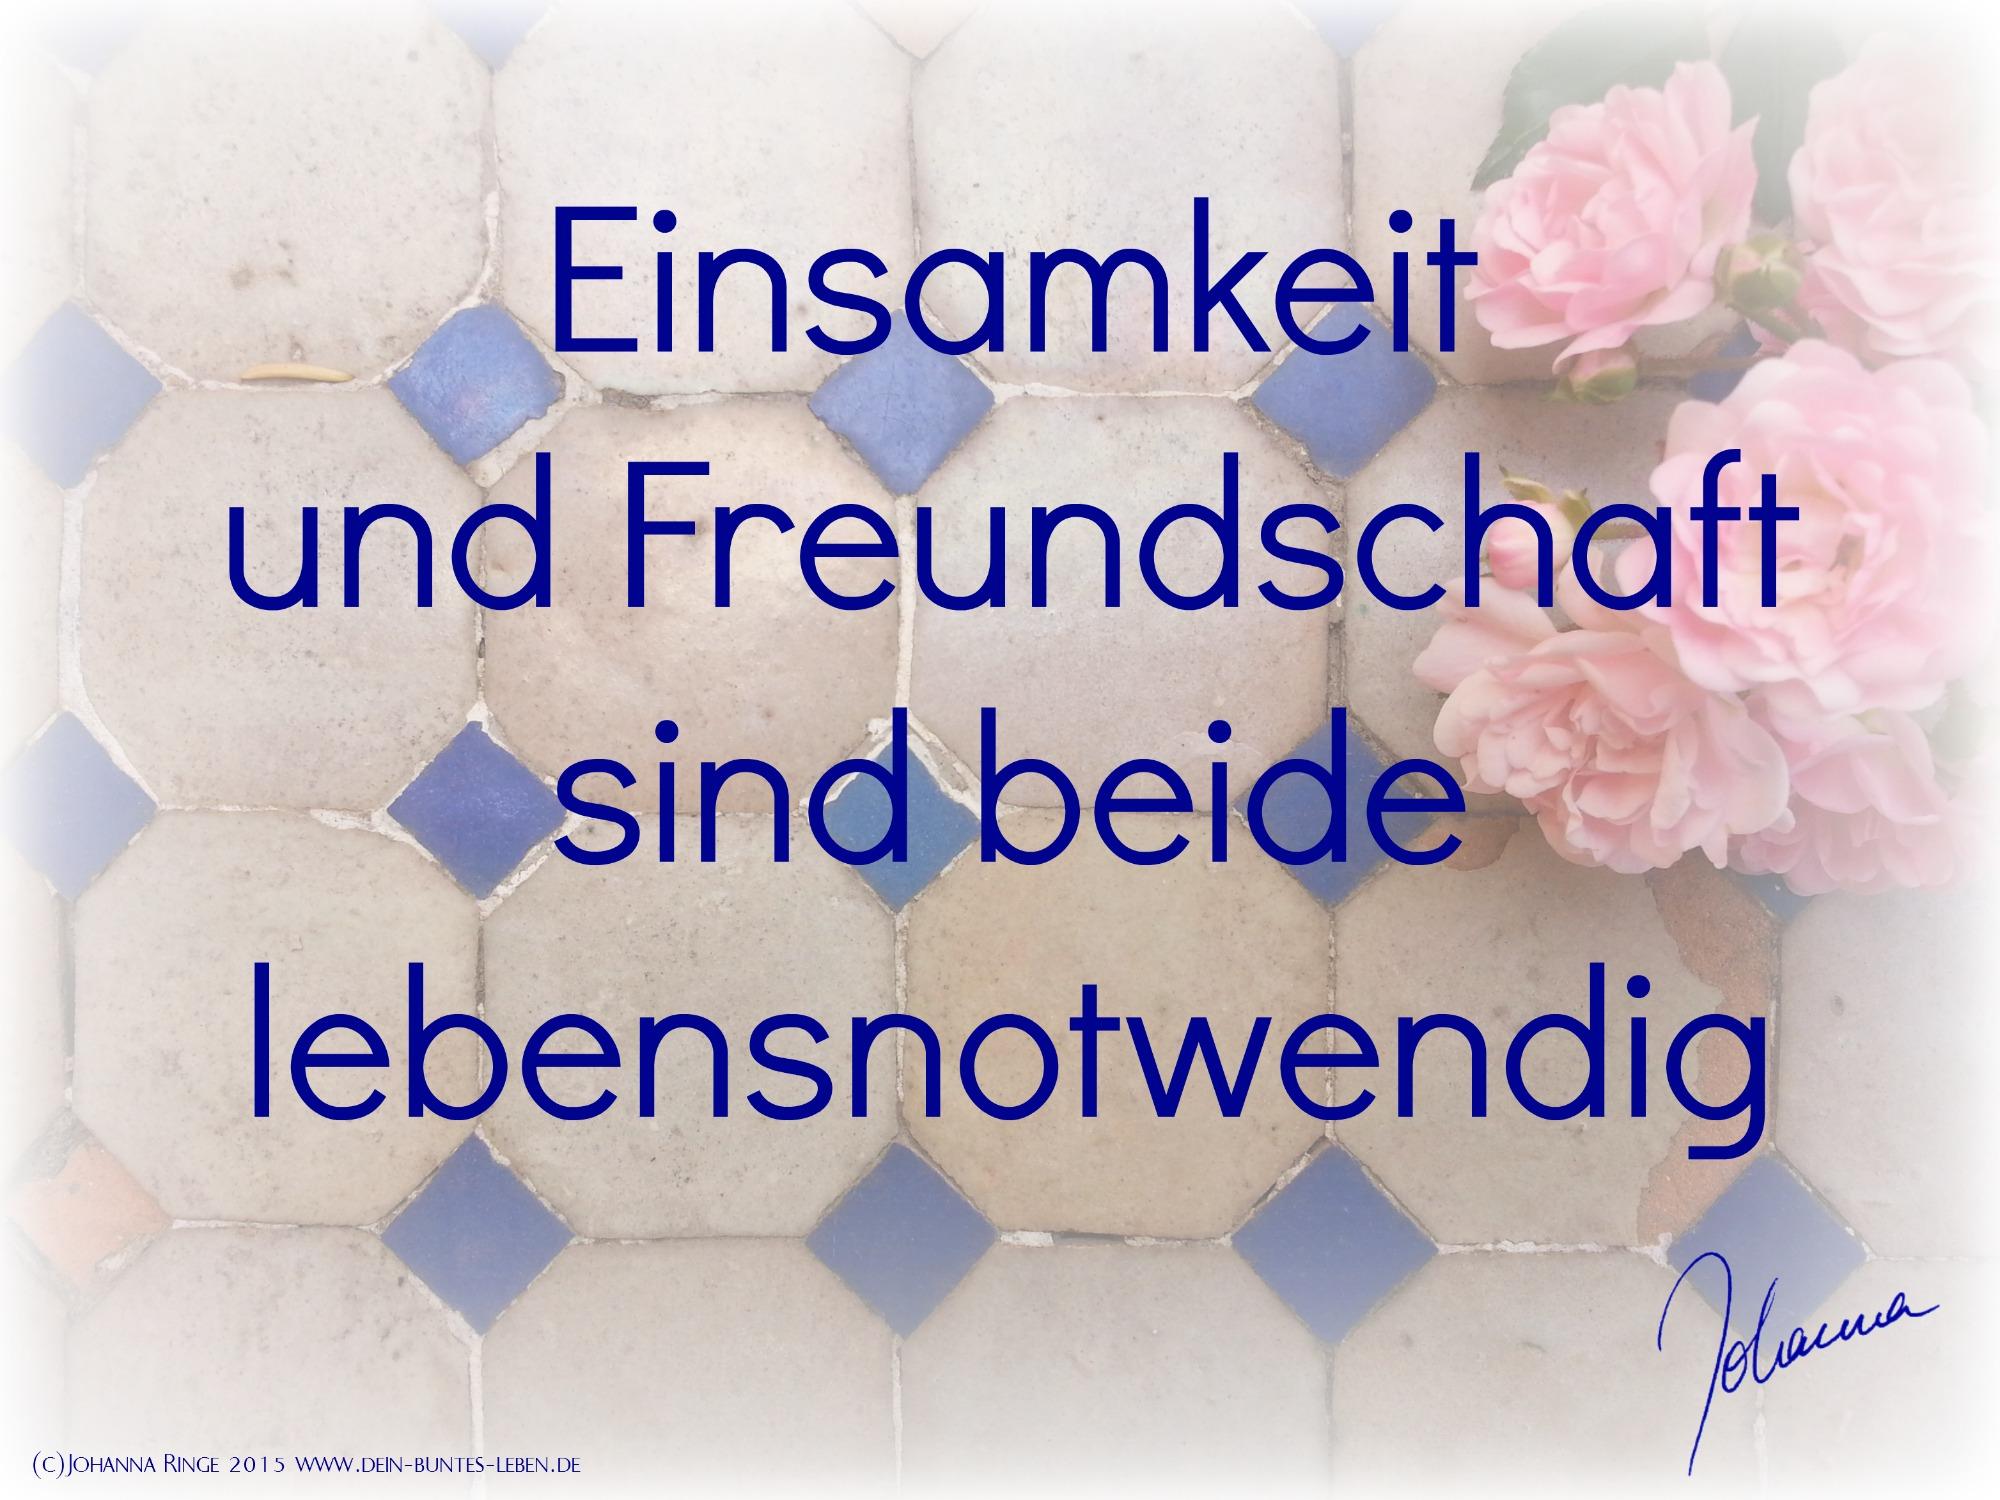 Einsamkeit & Freundschaft sind beide lebensnotwendig (c)Johanna Ringe 2015 www.dein-buntes-leben.de